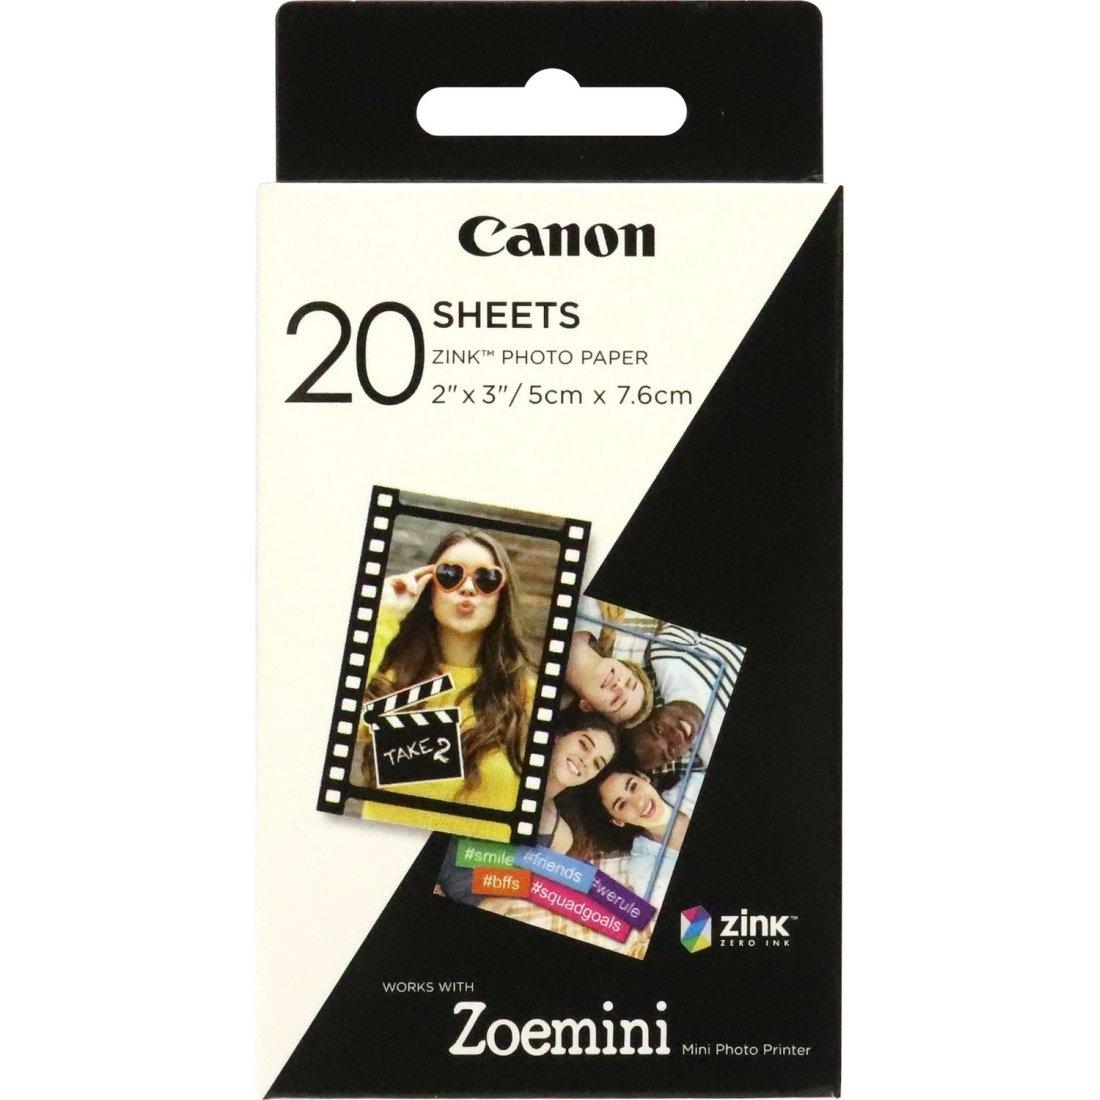 Canon ZP-2030 Zink Papier für Zoemini Drucker 20 Blatt